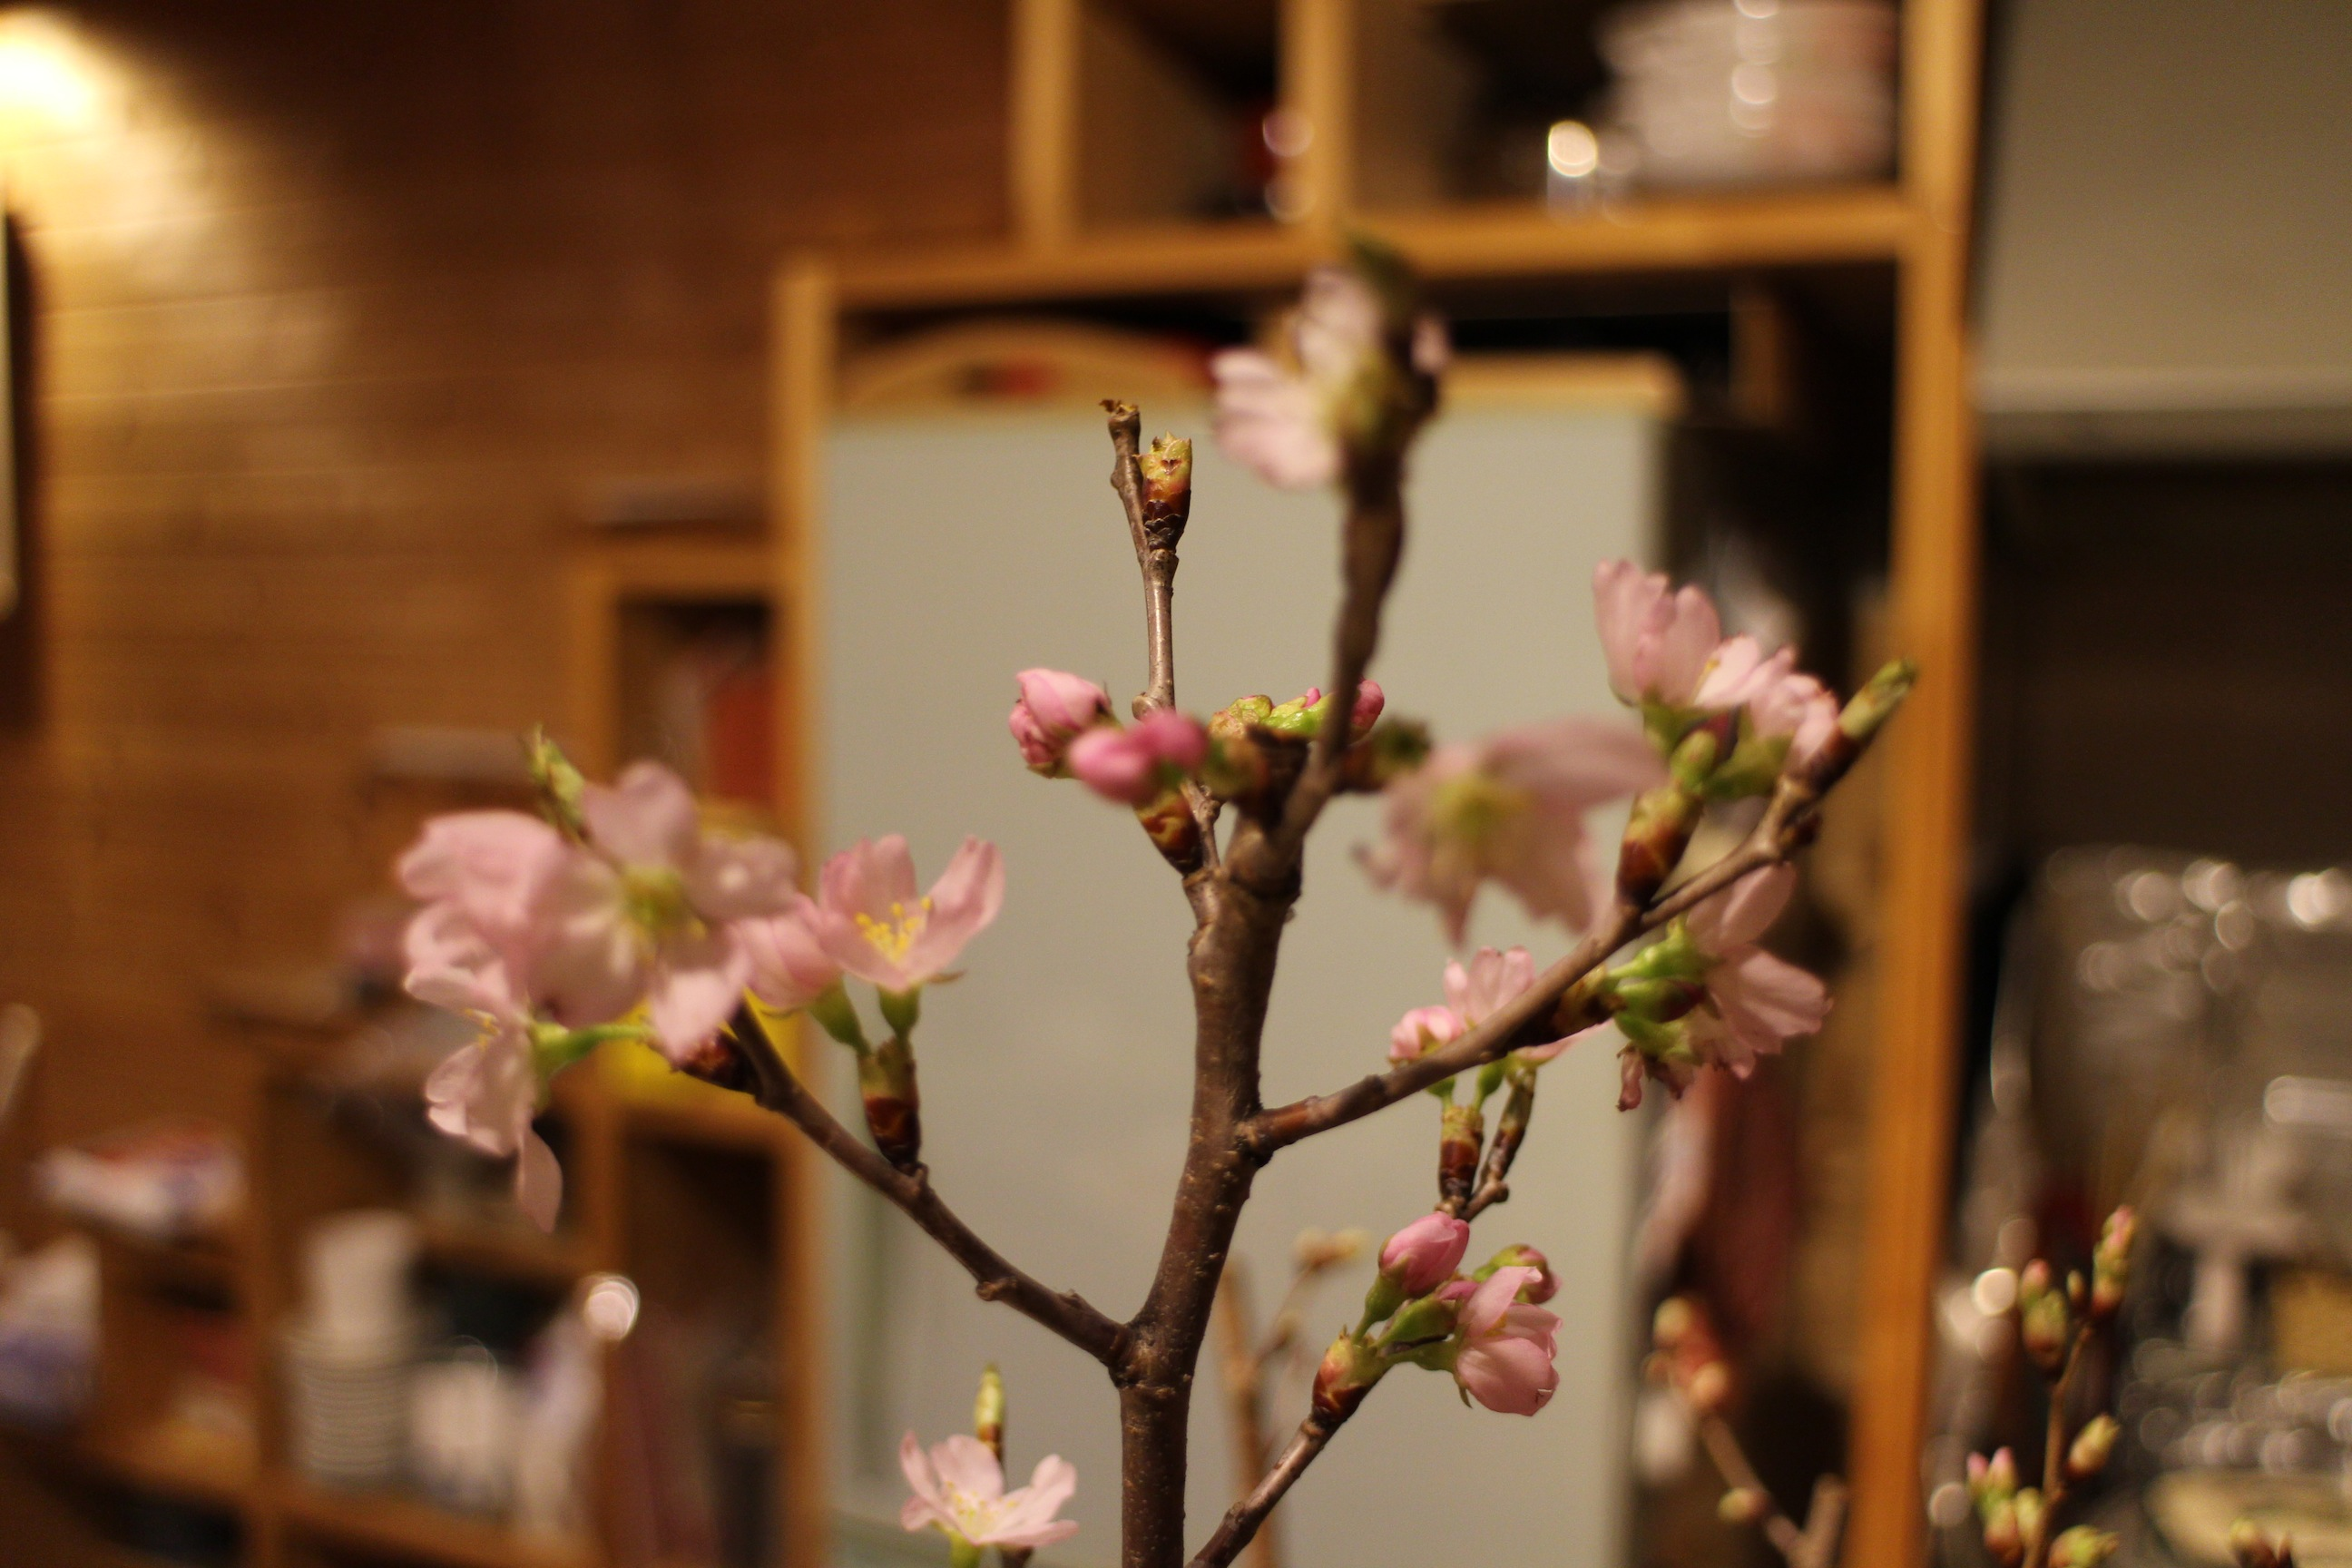 「いけ花」のちょっと心の温まる話